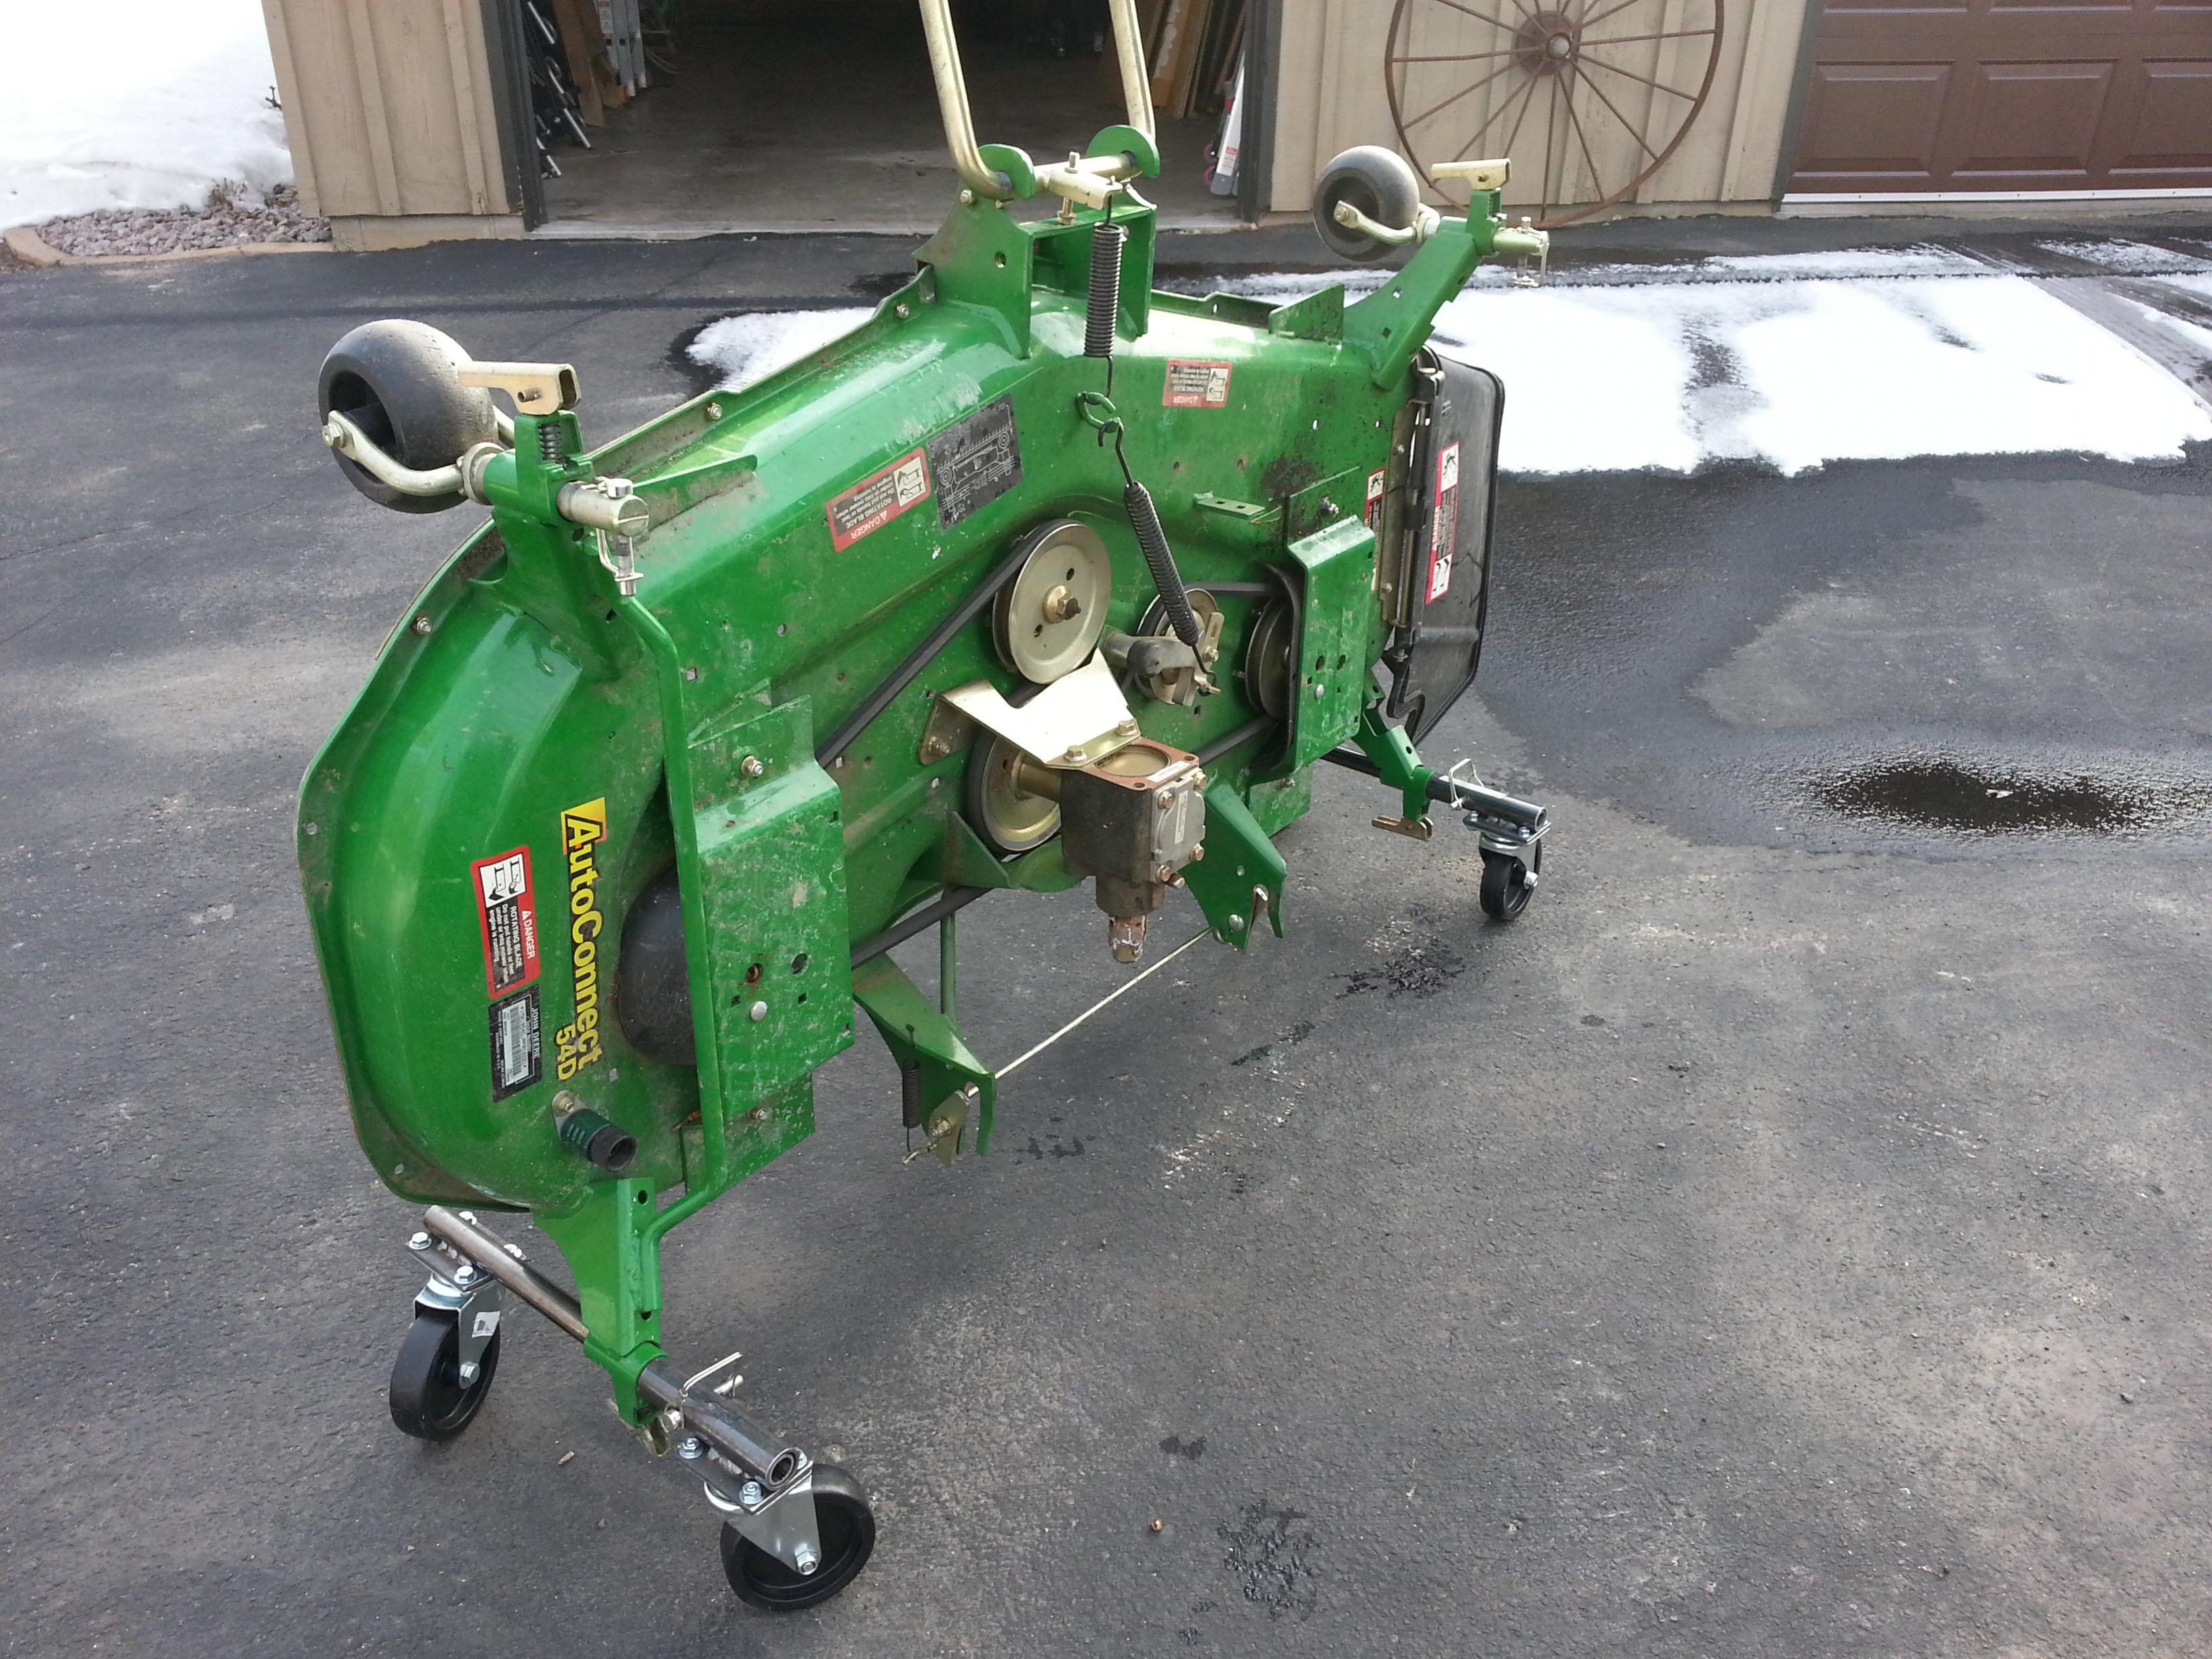 DIY Mower Deck Moving & Storage Wheels